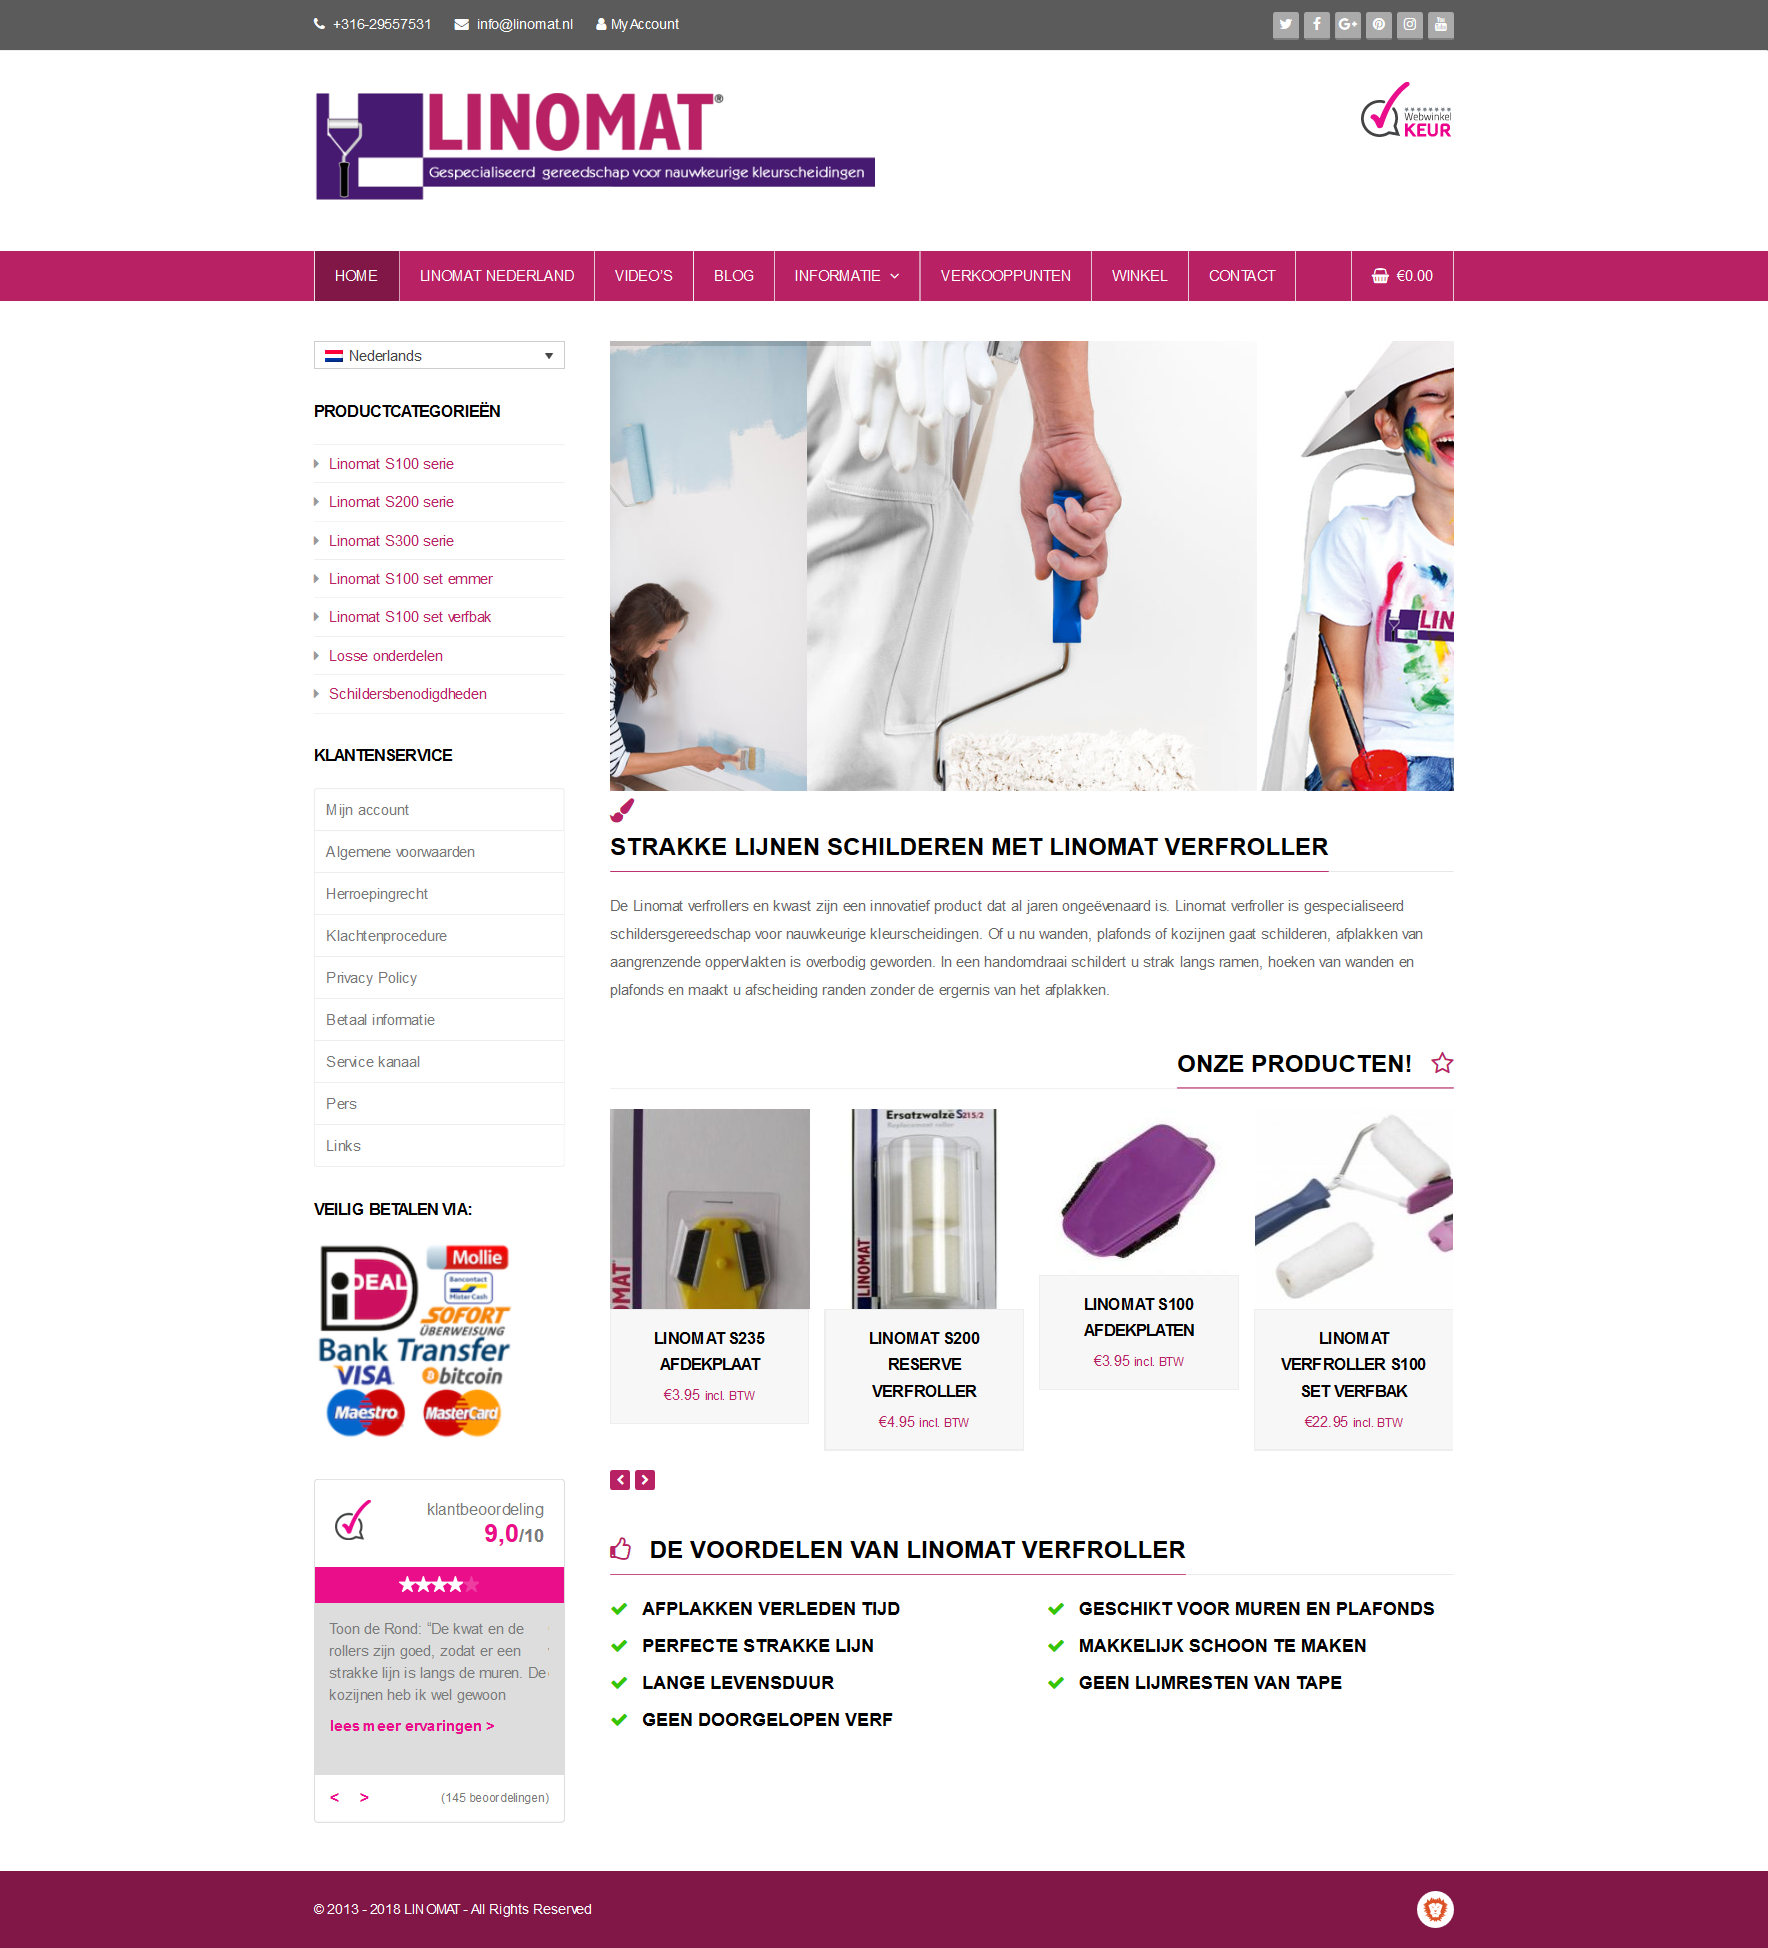 Webshop te koop-screenshot_2018-06-linomat-verfrollers-deze-verfroller-afplakken-verleden-ti-png